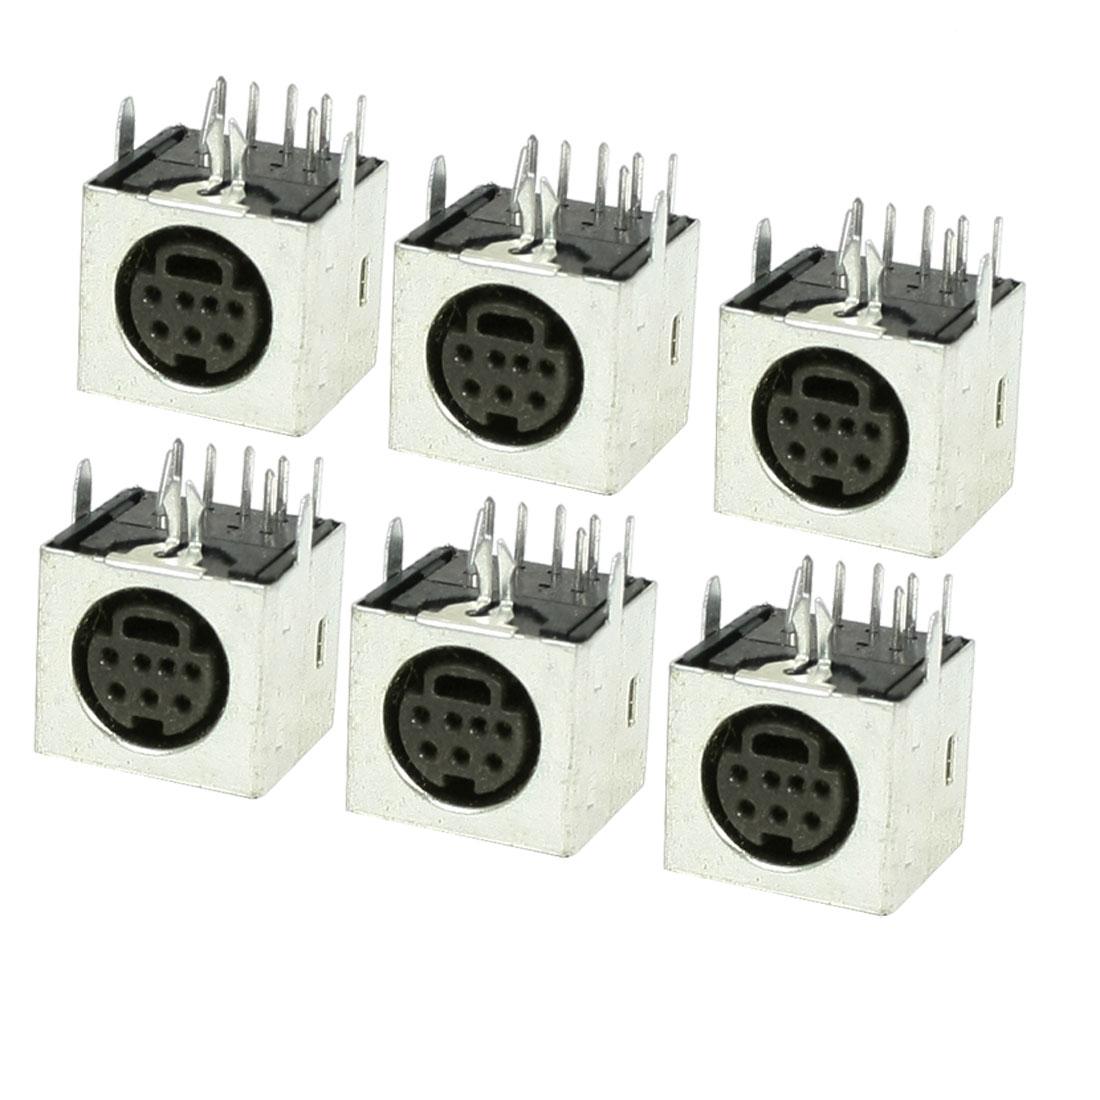 6 Pcs Metal Shell S-video 7 Pin Female PCB Mount Mini Din Sockets